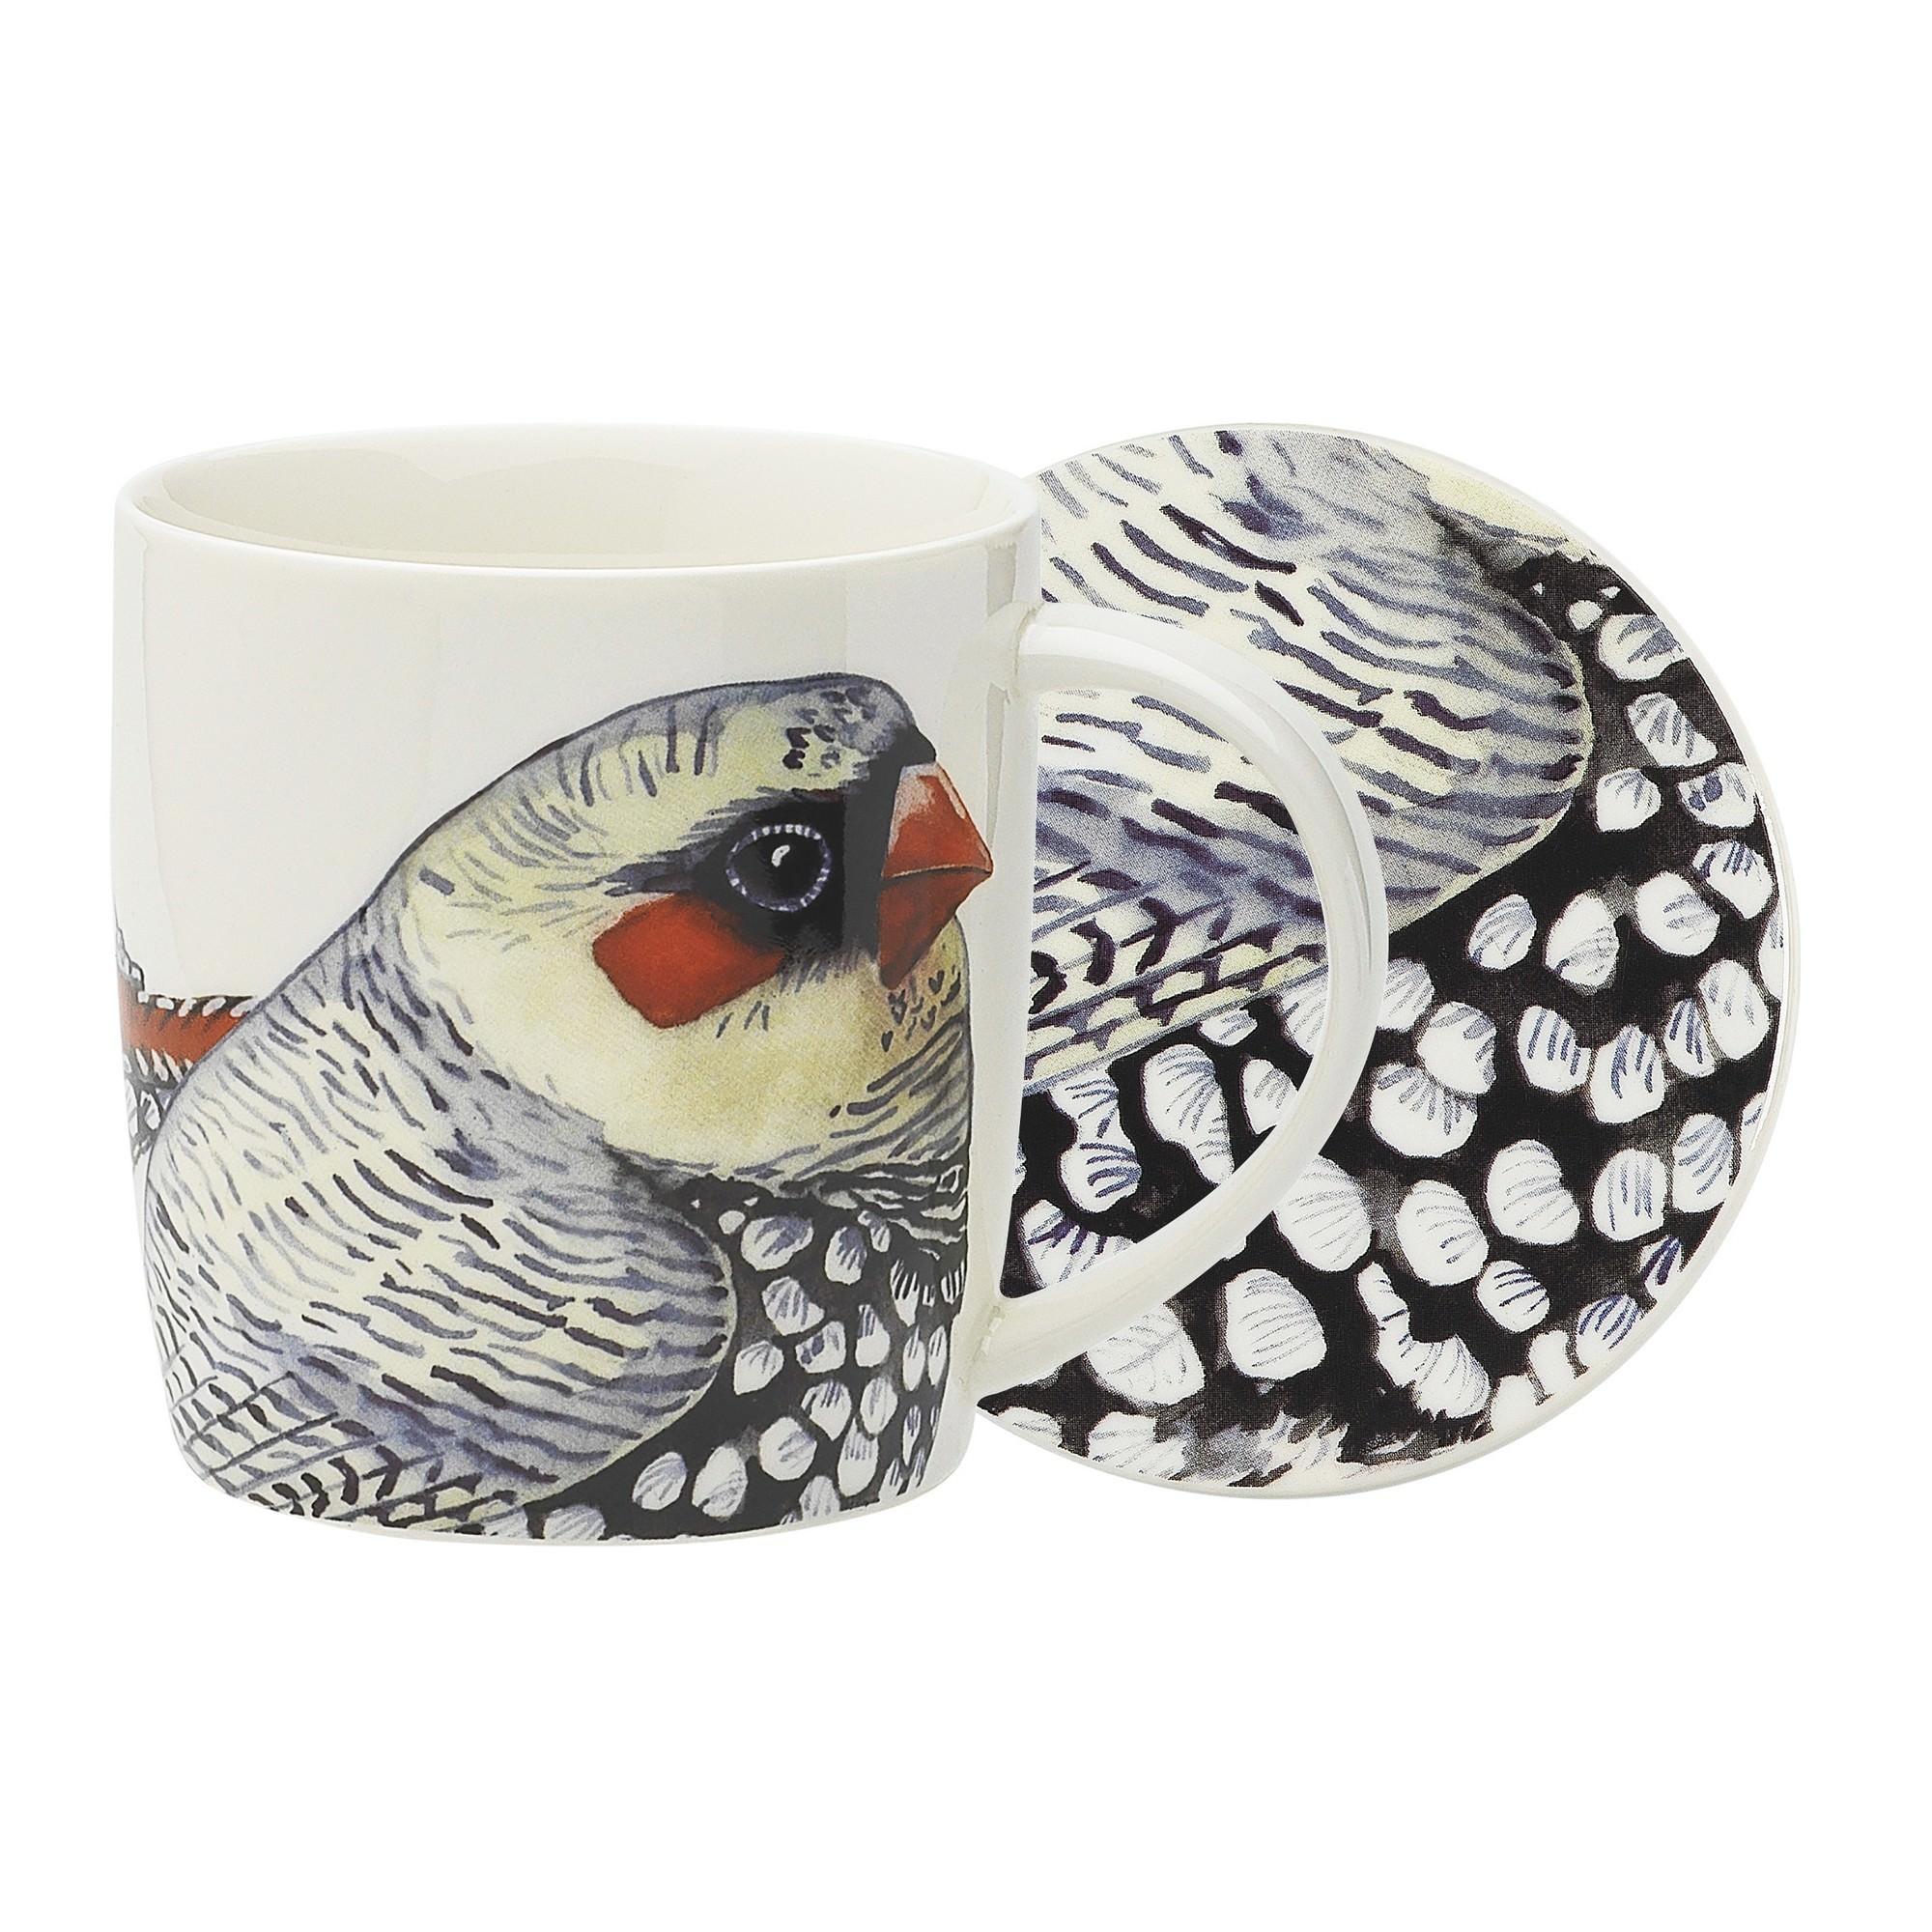 Ecology Paradiso New Bone China Mug & Coaster Set, Firetale